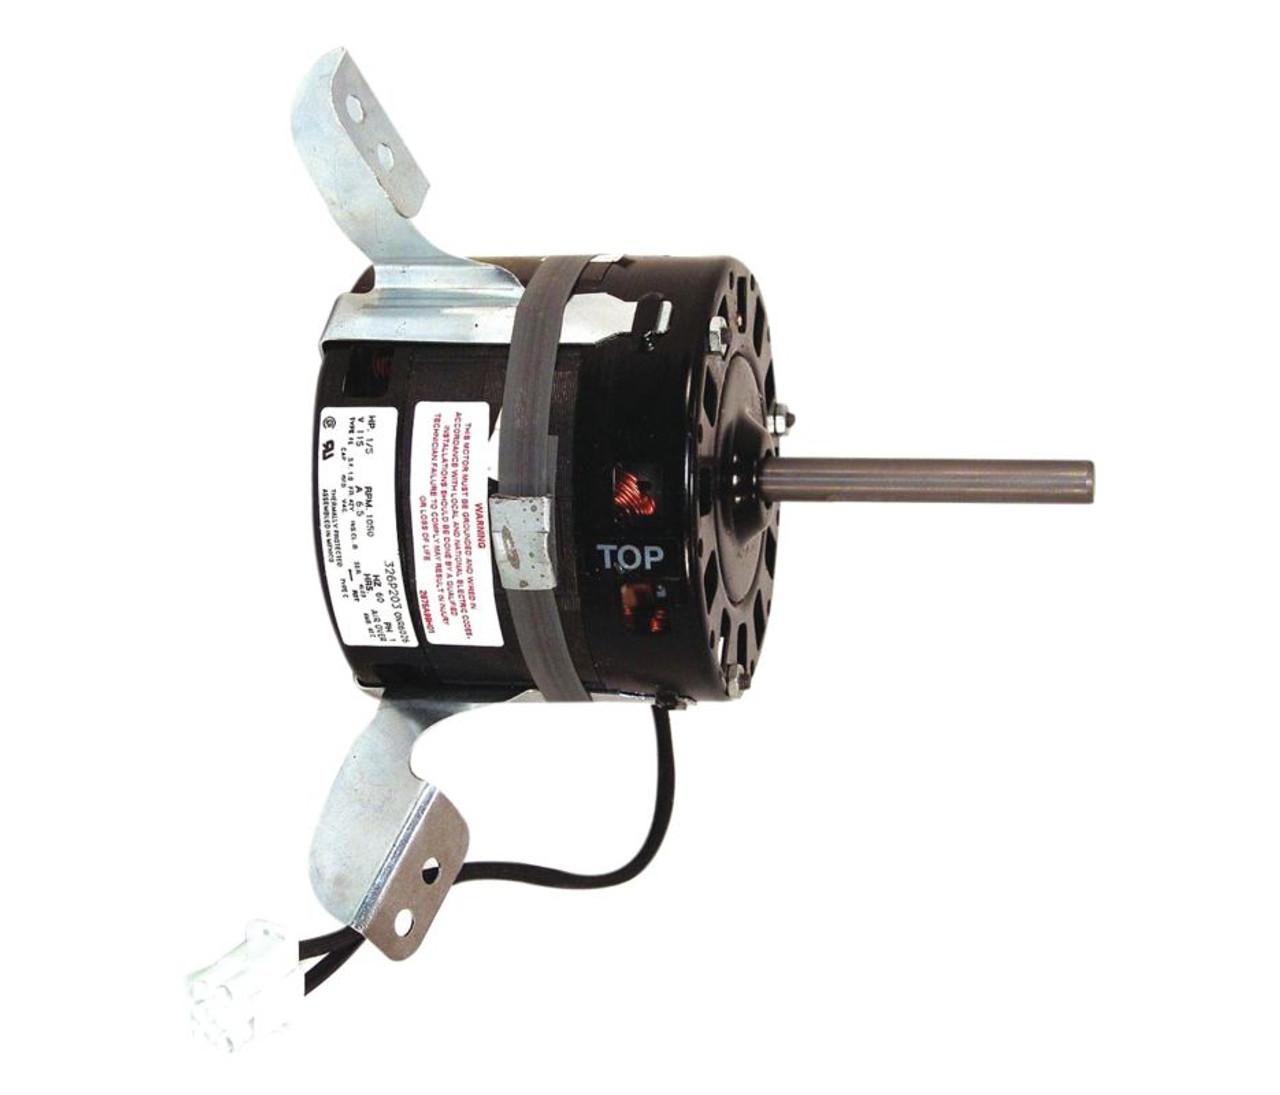 hight resolution of miller lsi home nordyne furnace motor 1 5 hp 1050 rpm 115v century oml6435